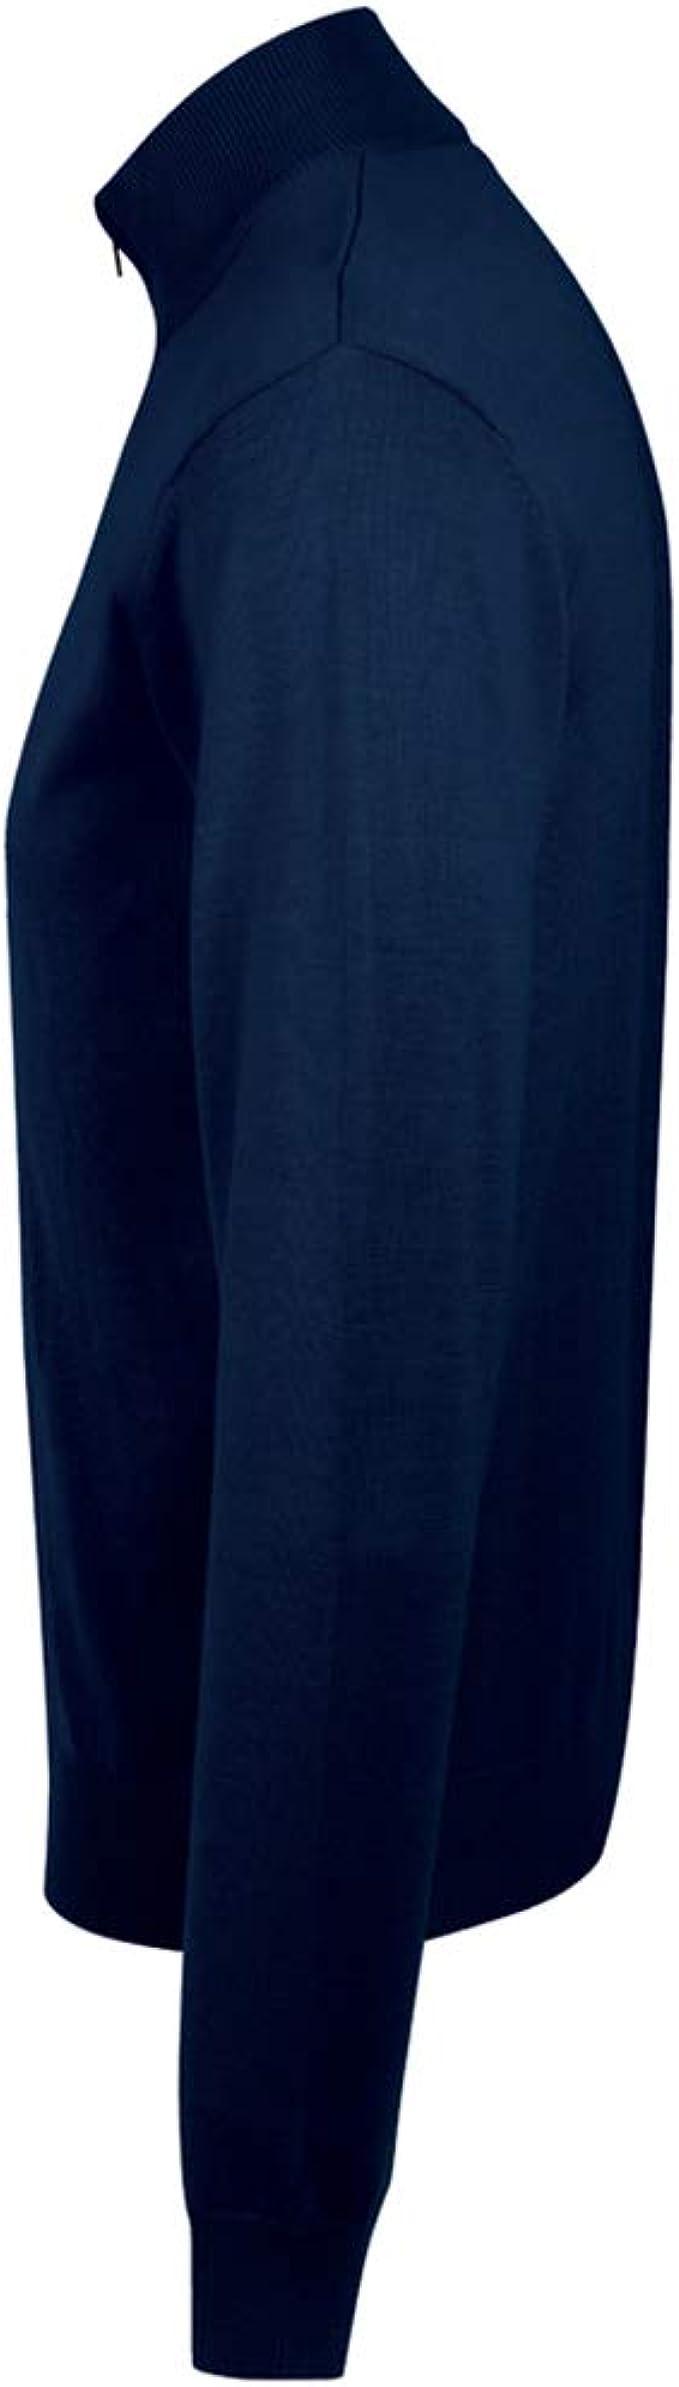 SOL'S Mens Gordon Full Zip Cardigan: Amazon.co.uk: Clothing